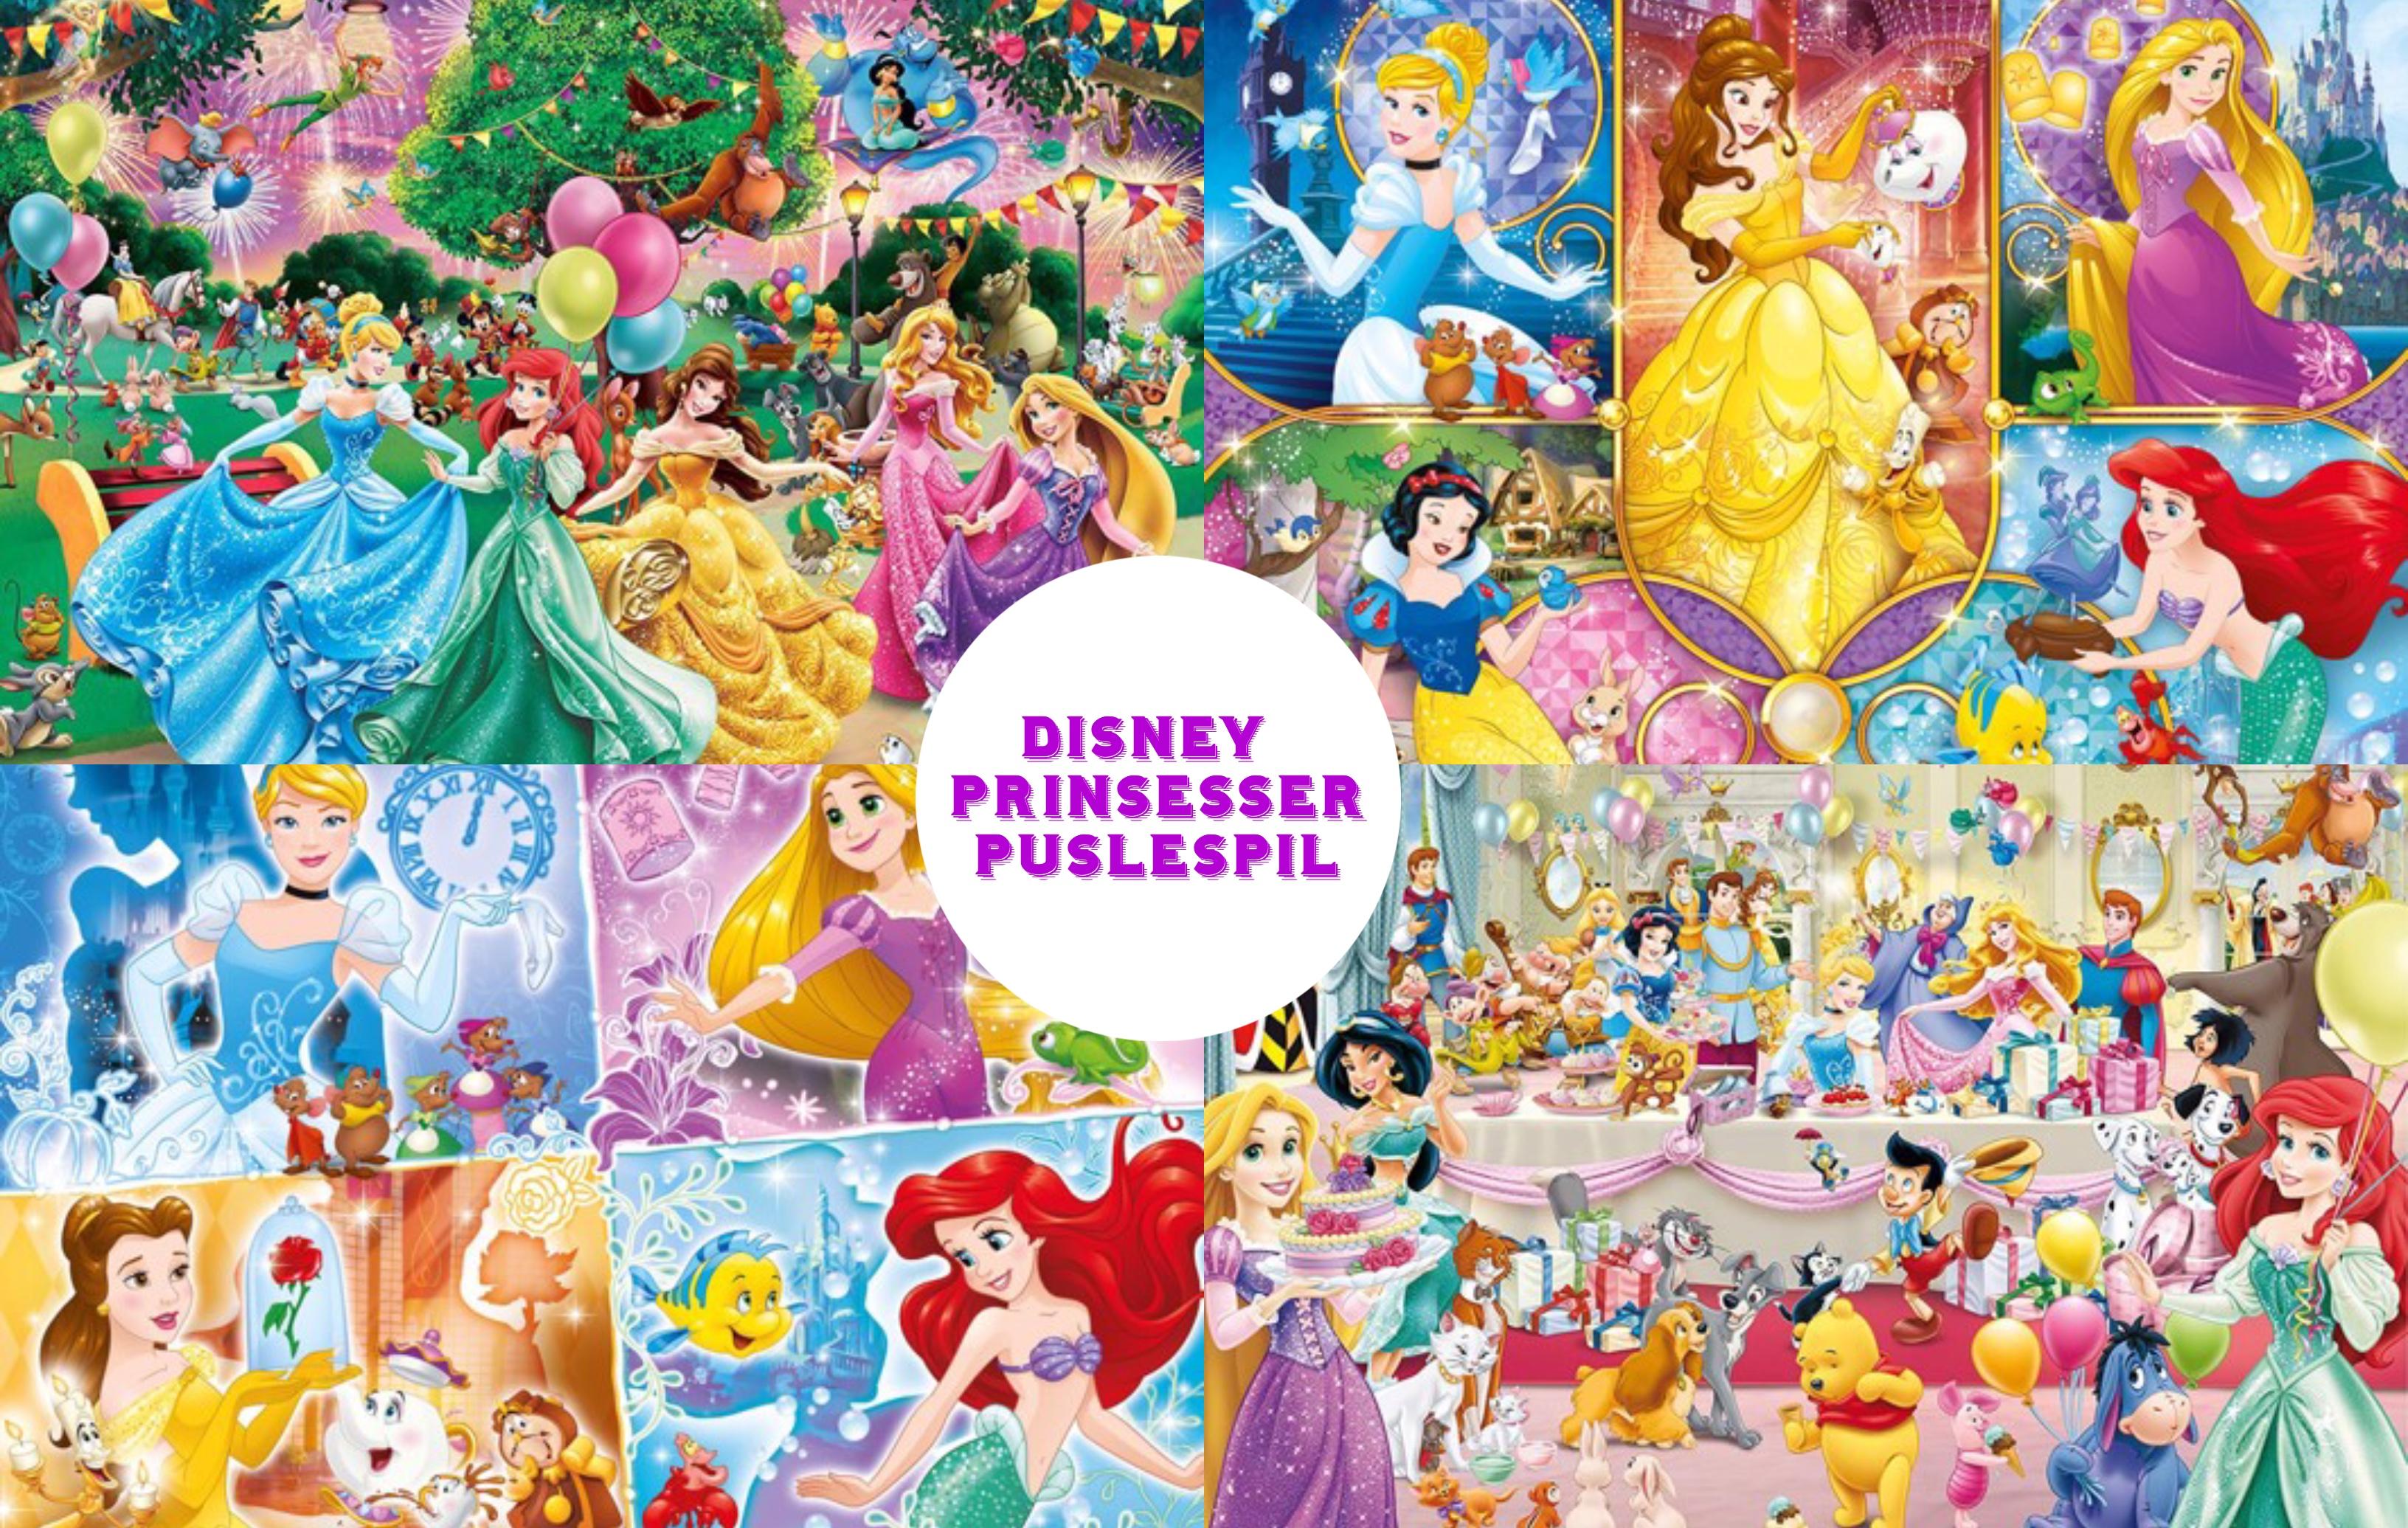 Disney prinsesser puslespil – for børn og voksne